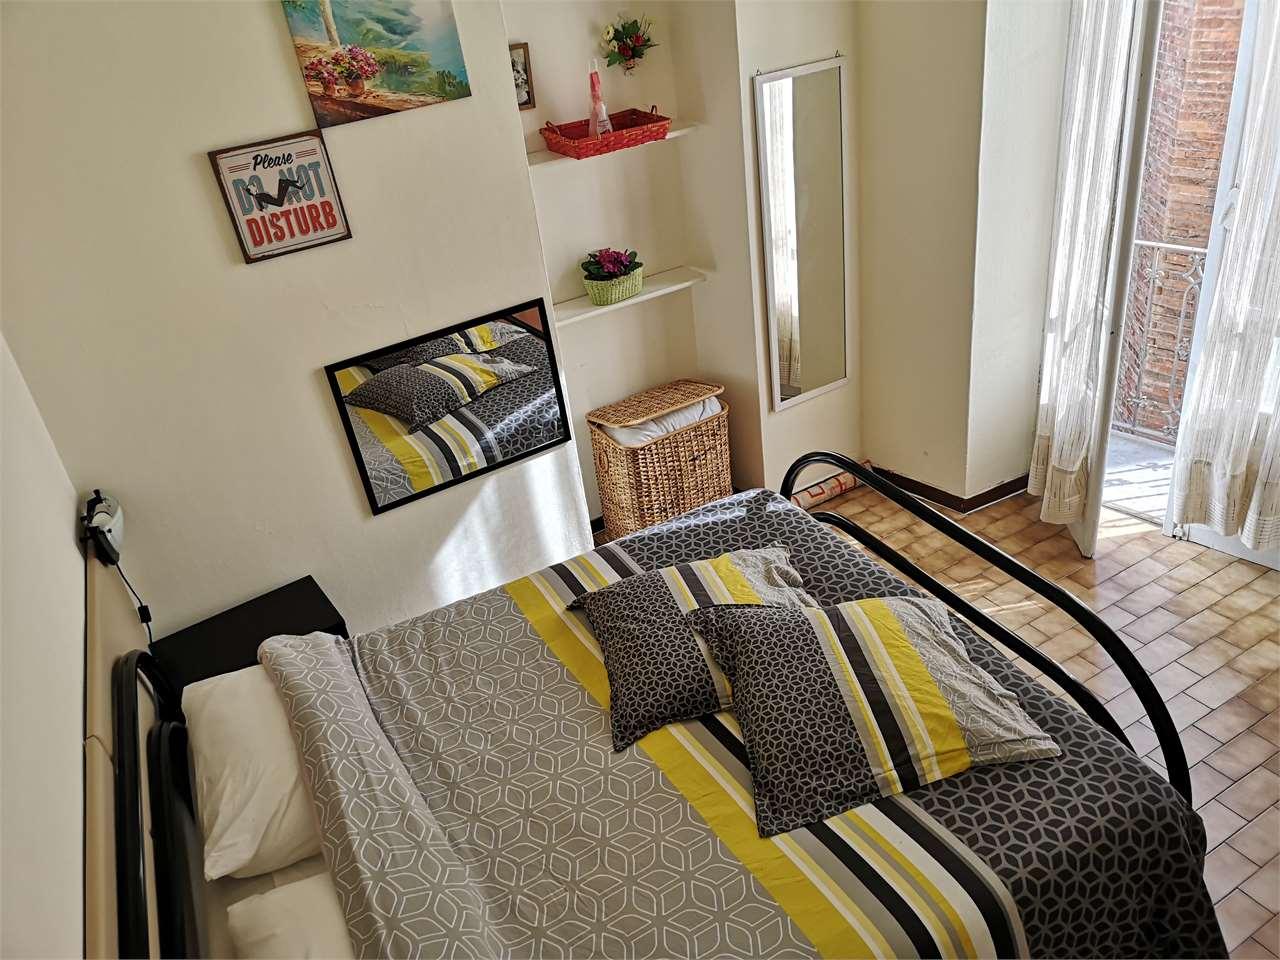 Vendita Bilocale Appartamento Asti Via Roero 4 273879